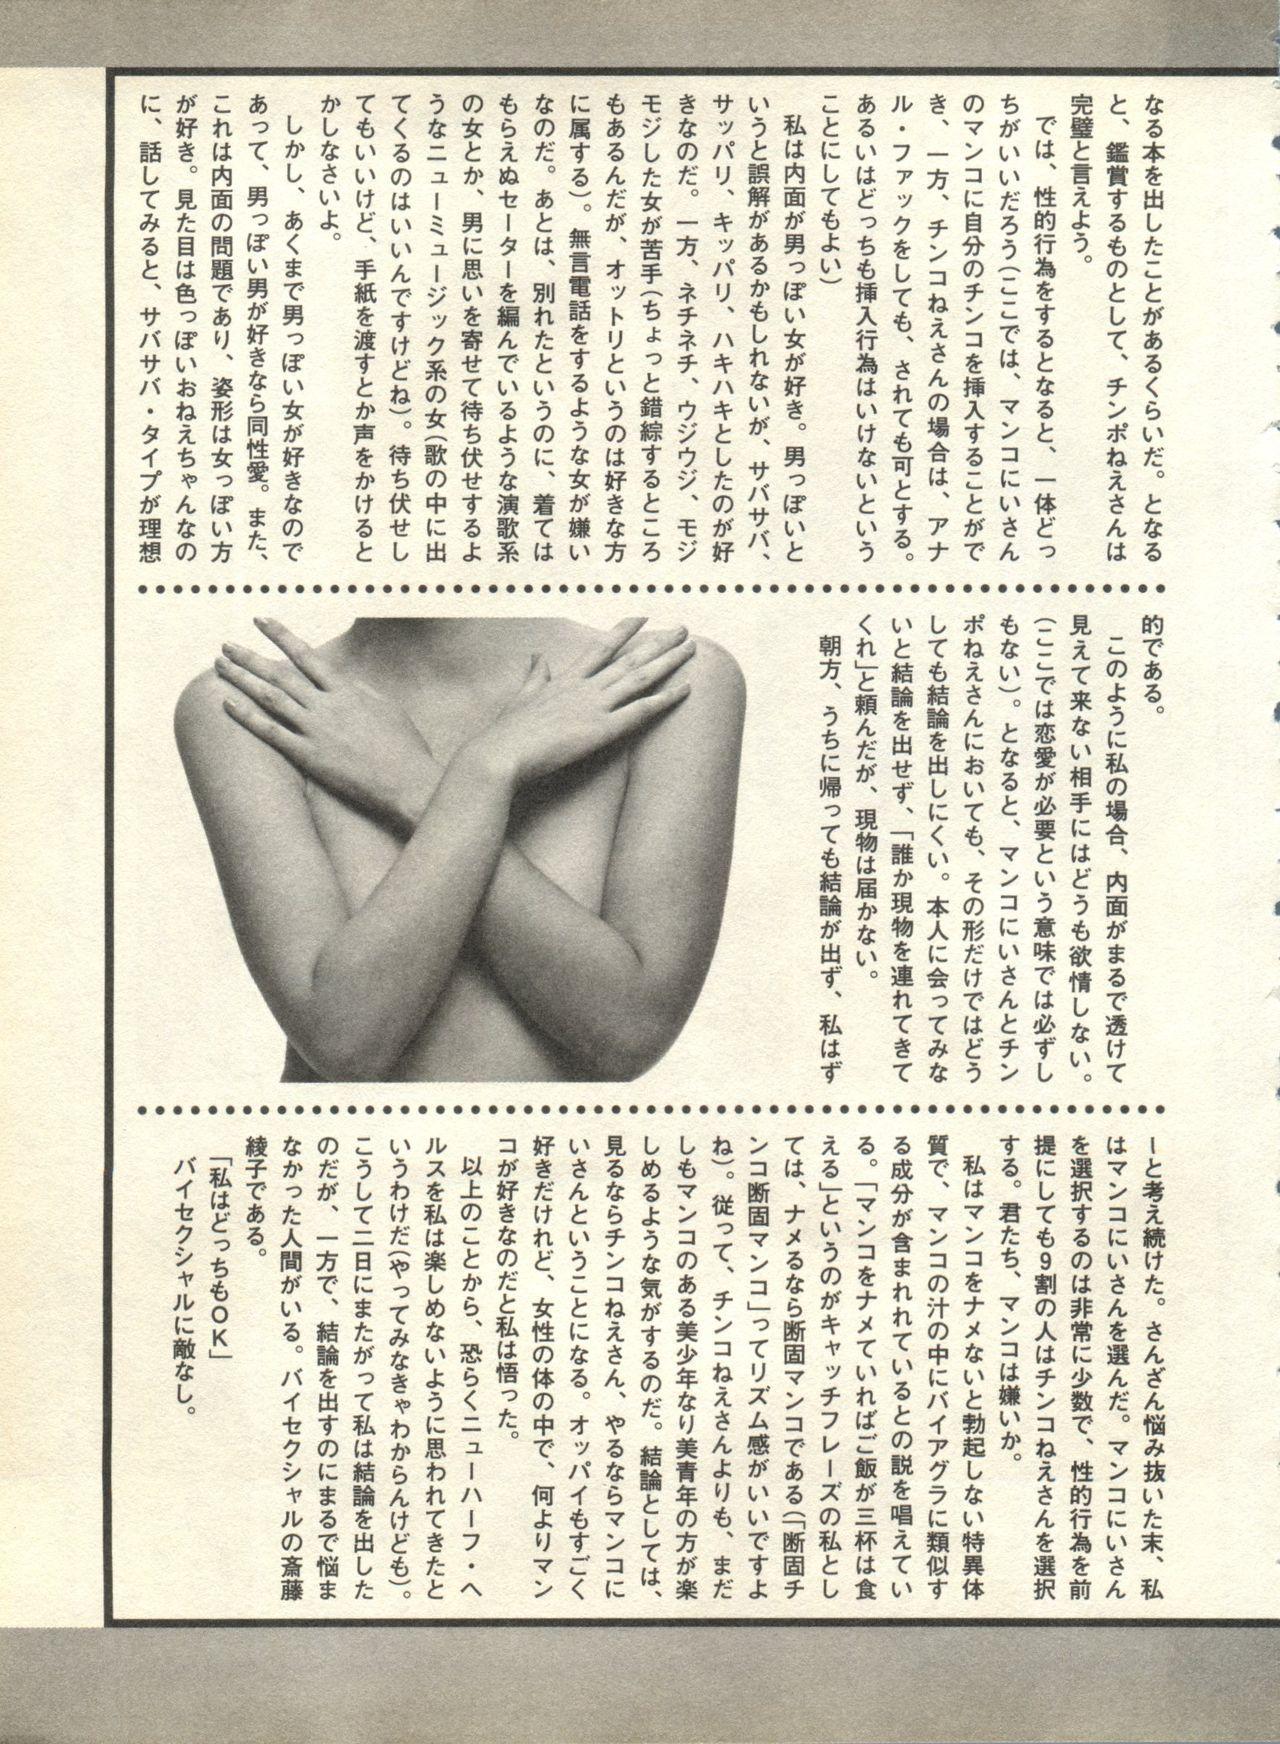 Pai;kuu 1998 October Vol. 13 202